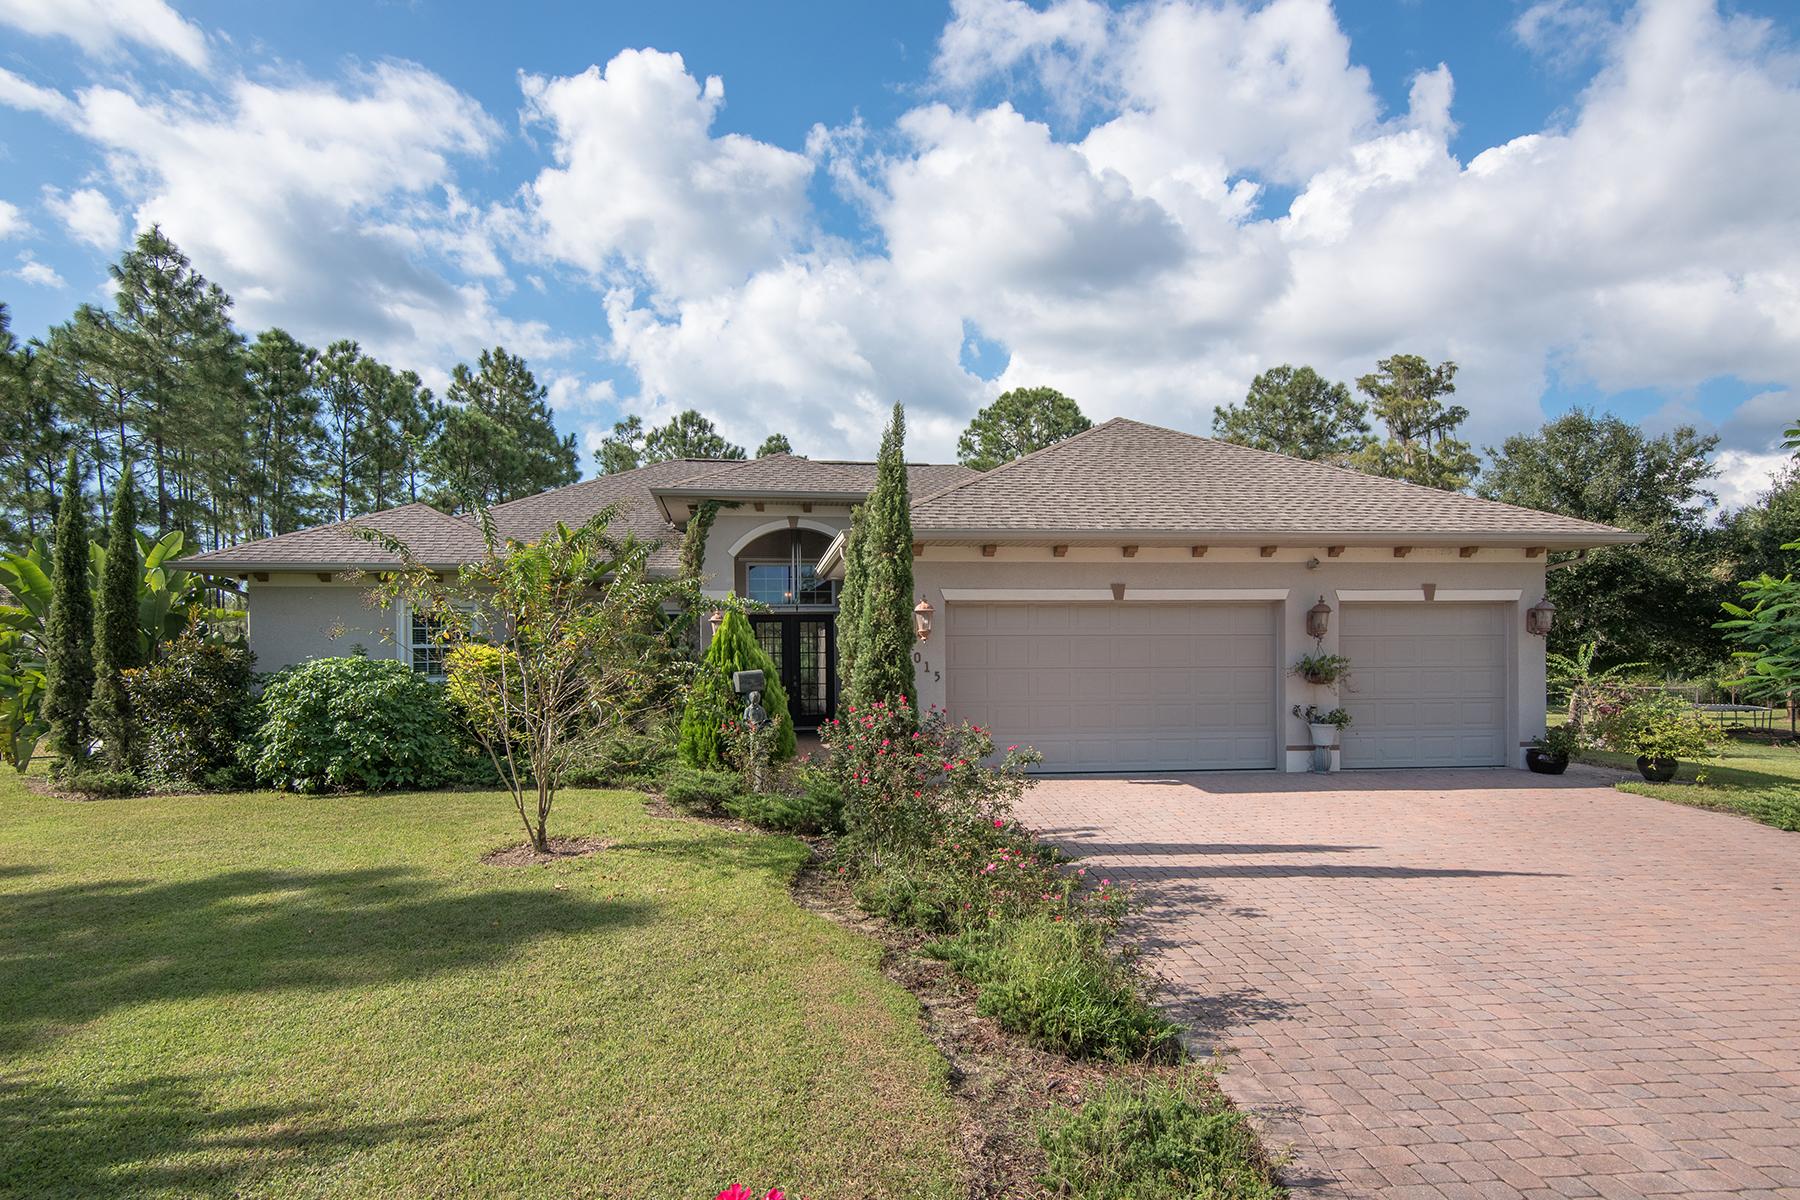 단독 가정 주택 용 매매 에 GOLDEN GATE ESTATES 3015 16th Ave SE Naples, 플로리다 34117 미국